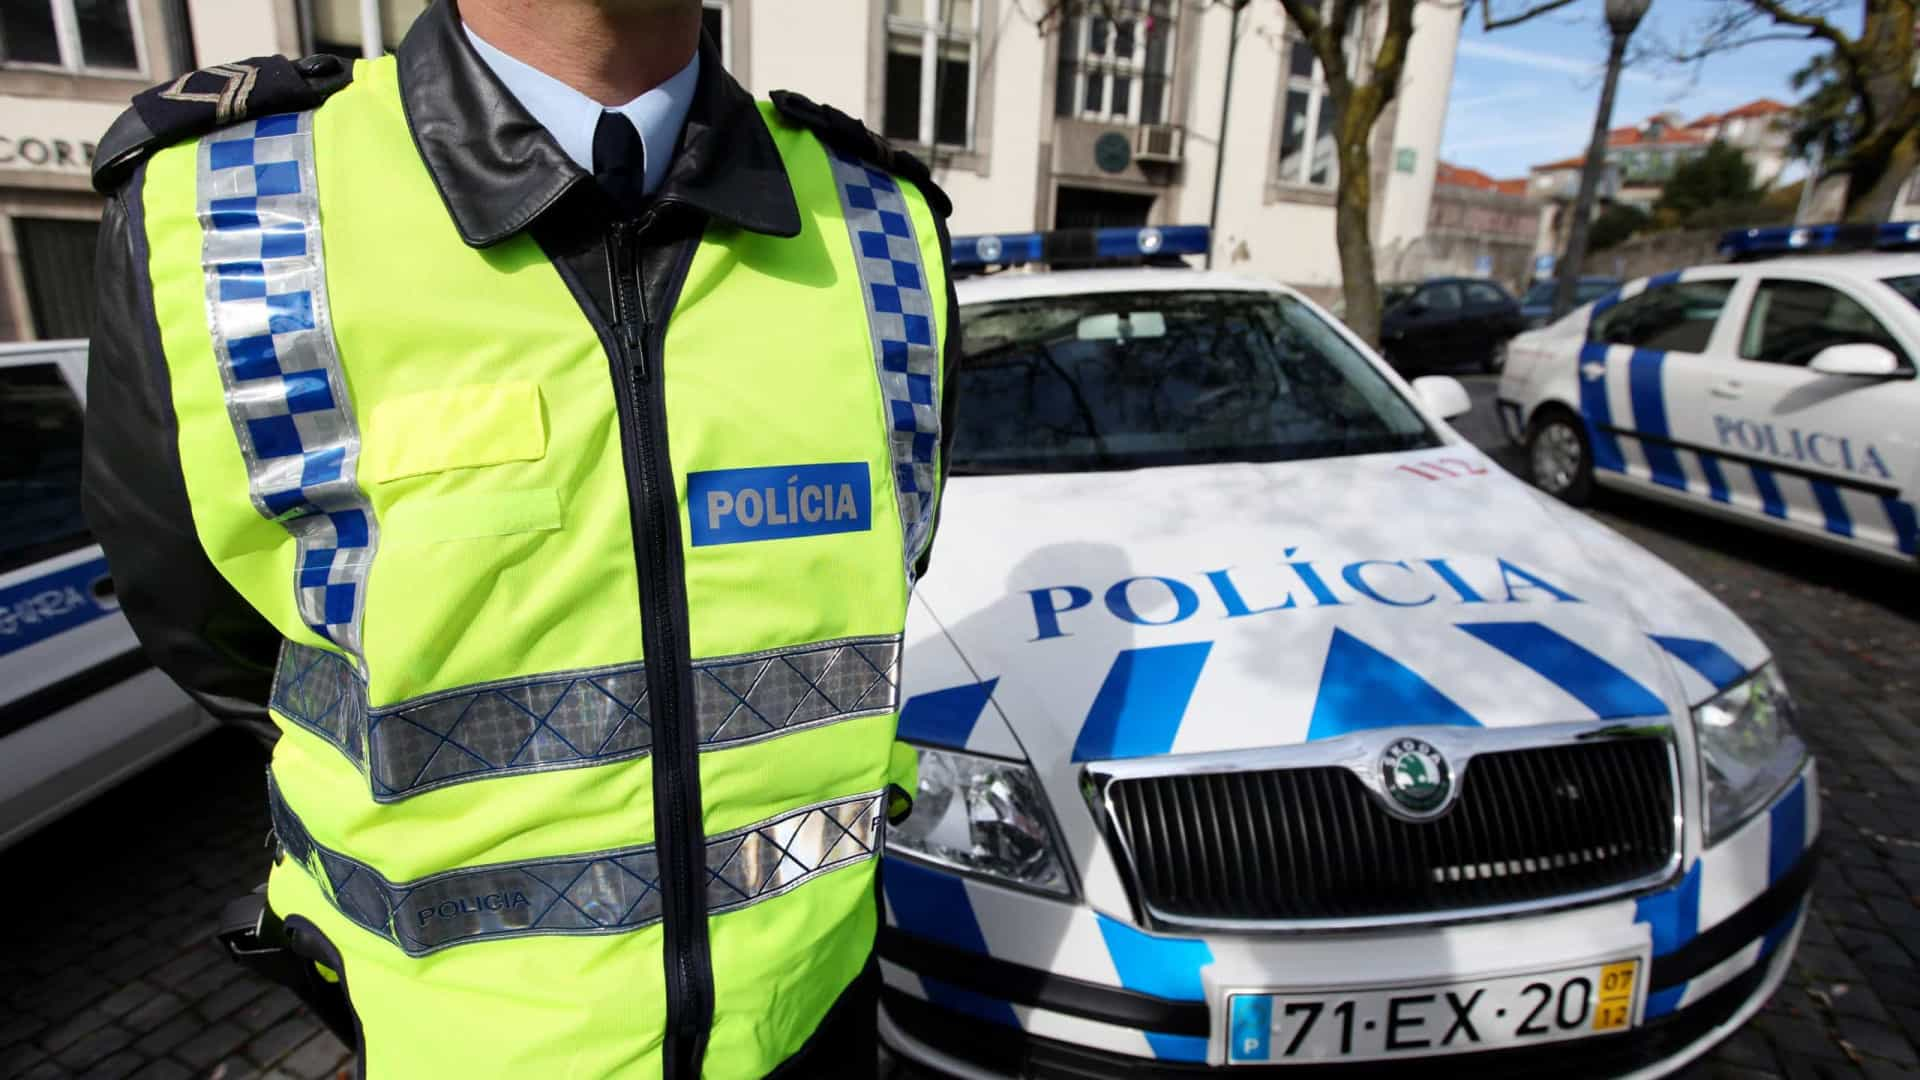 PSP detém suspeito de tráfico e apreende mais de 5 mil doses em Faro